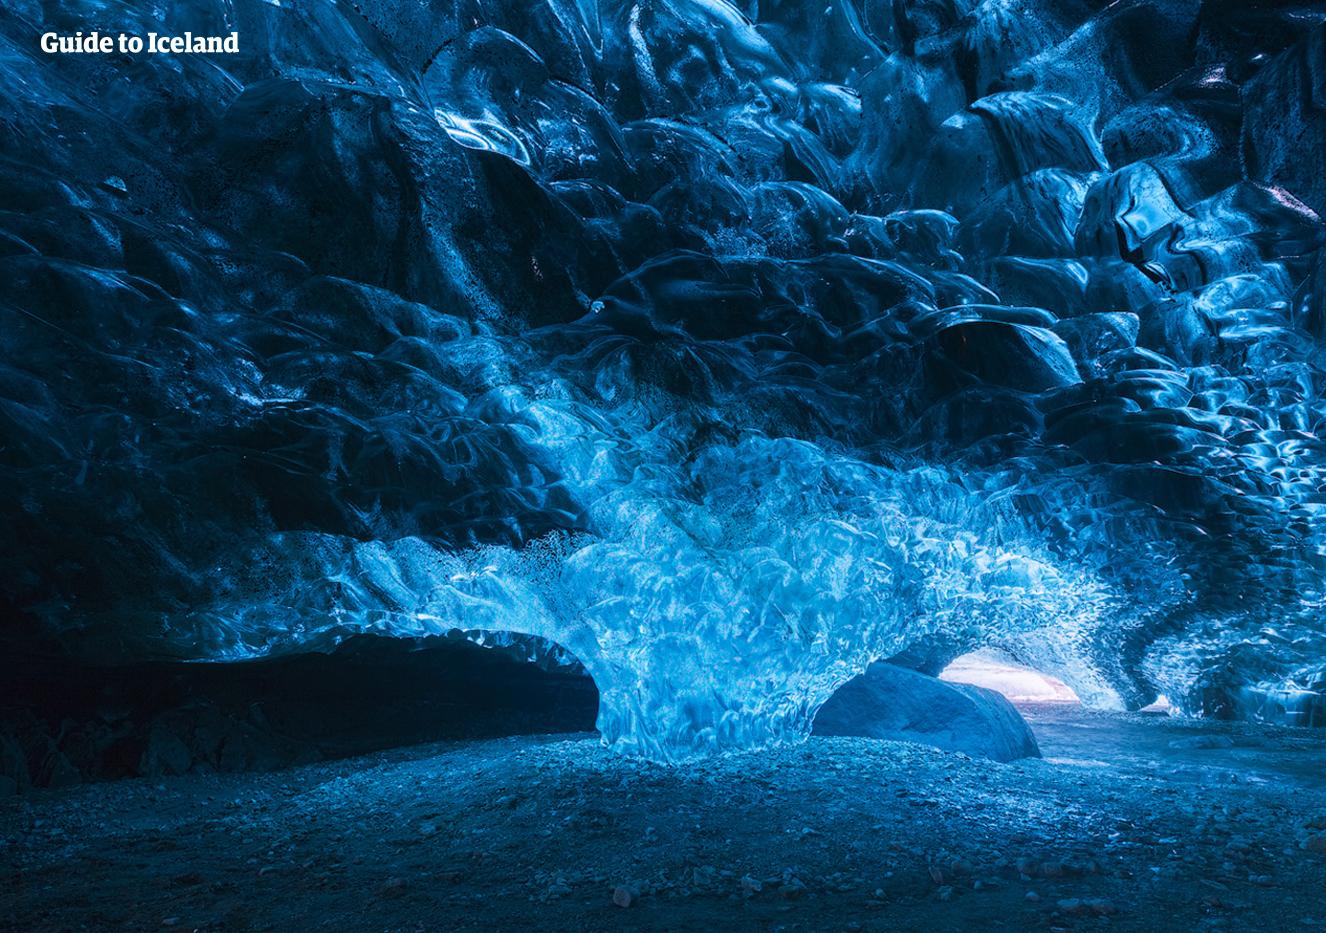 Fantastiske blå nuancer i en ægte isgrotte i Vatnajökull Nationalpark